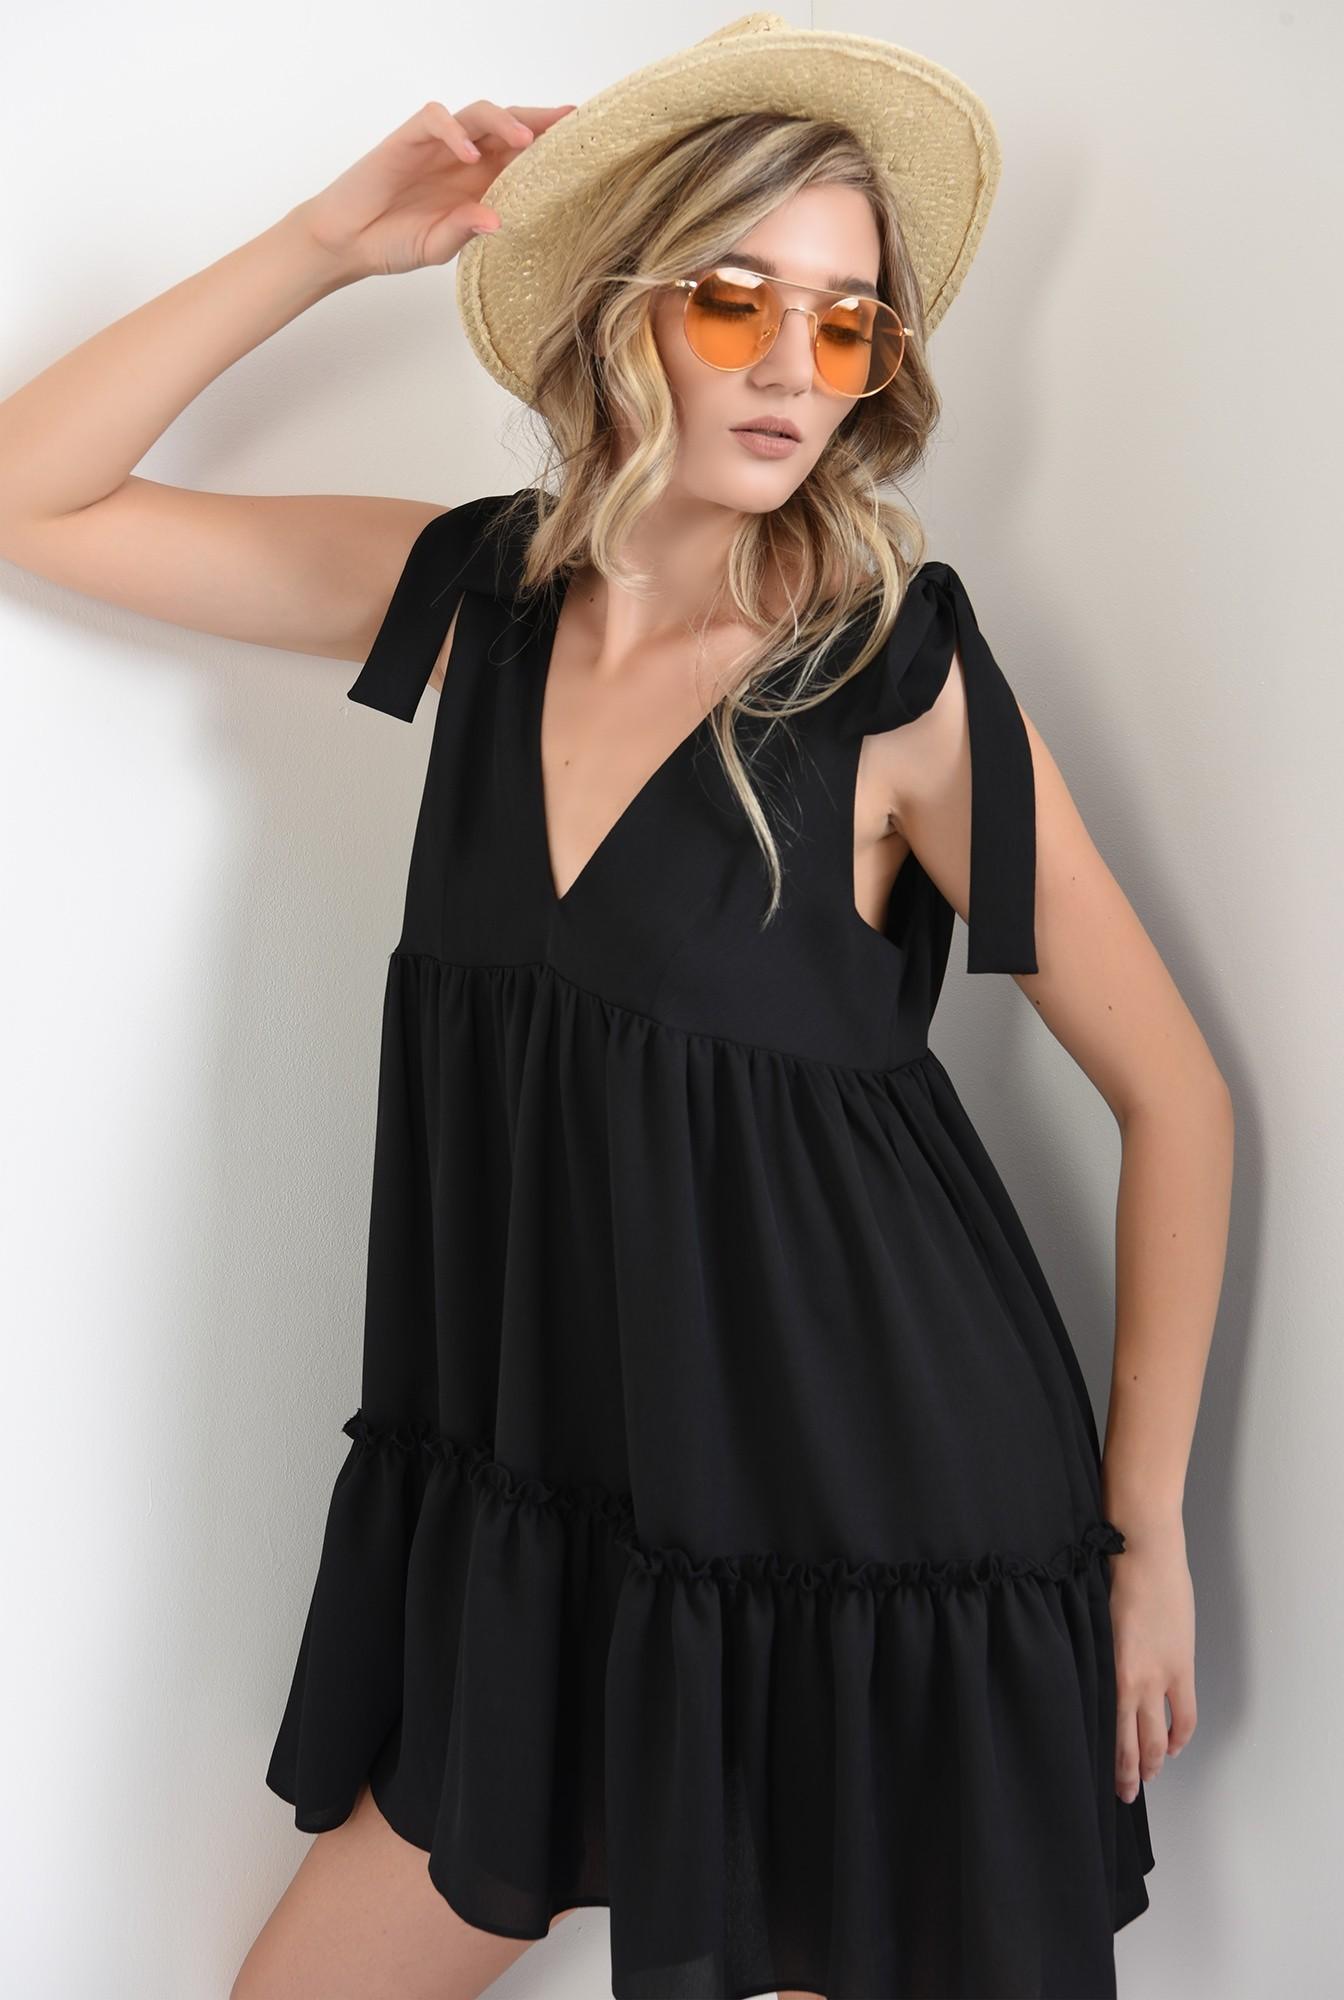 0 - 360 - rochie scurta, larga, neagra, cu funde, Poema